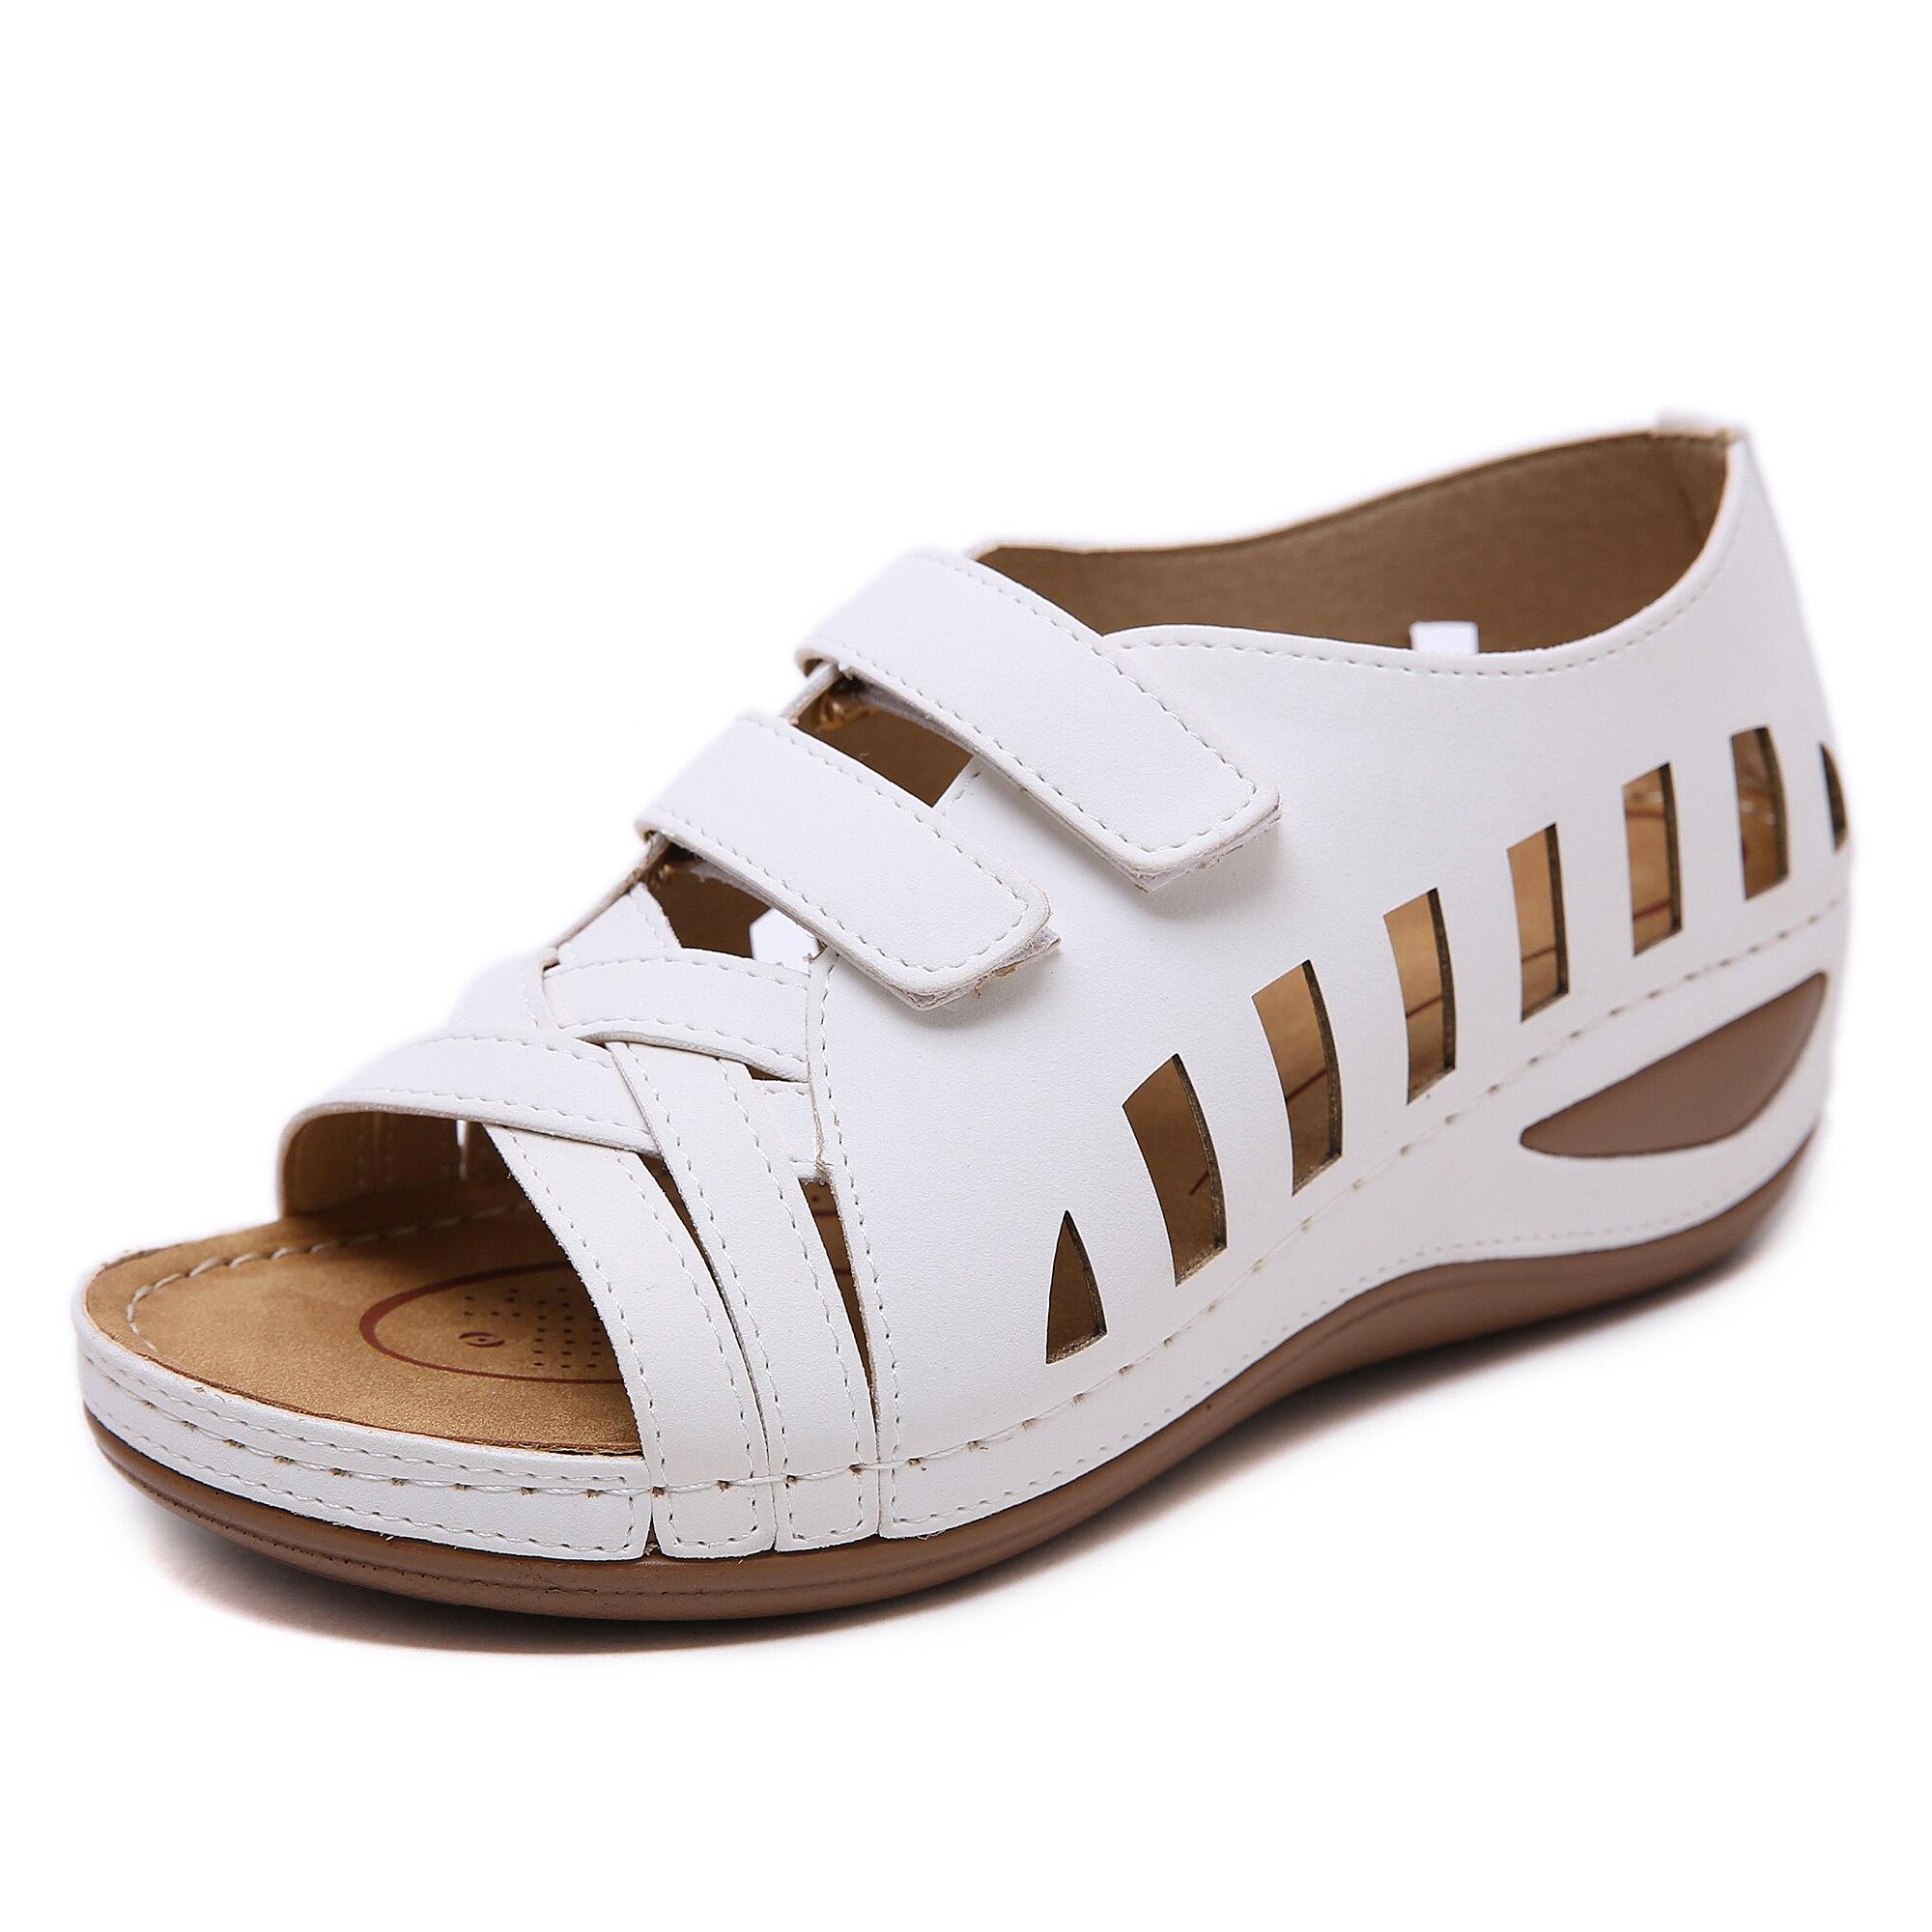 Womens Sandals 2020 New Retro Non-slip Women Shoes Plus Size 36-44 Beach Sandals Casual Black White Wedges 5CM Ladies Sandals